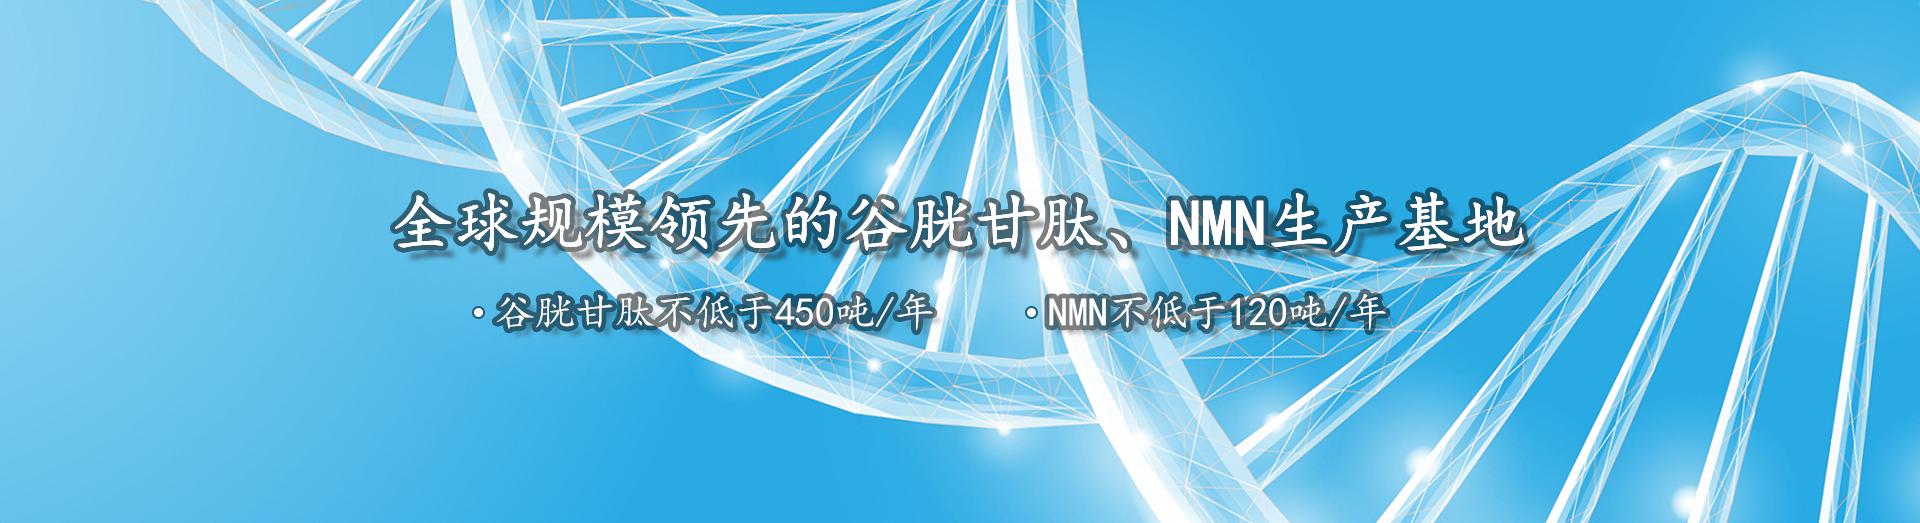 谷胱甘肽nmn生产商